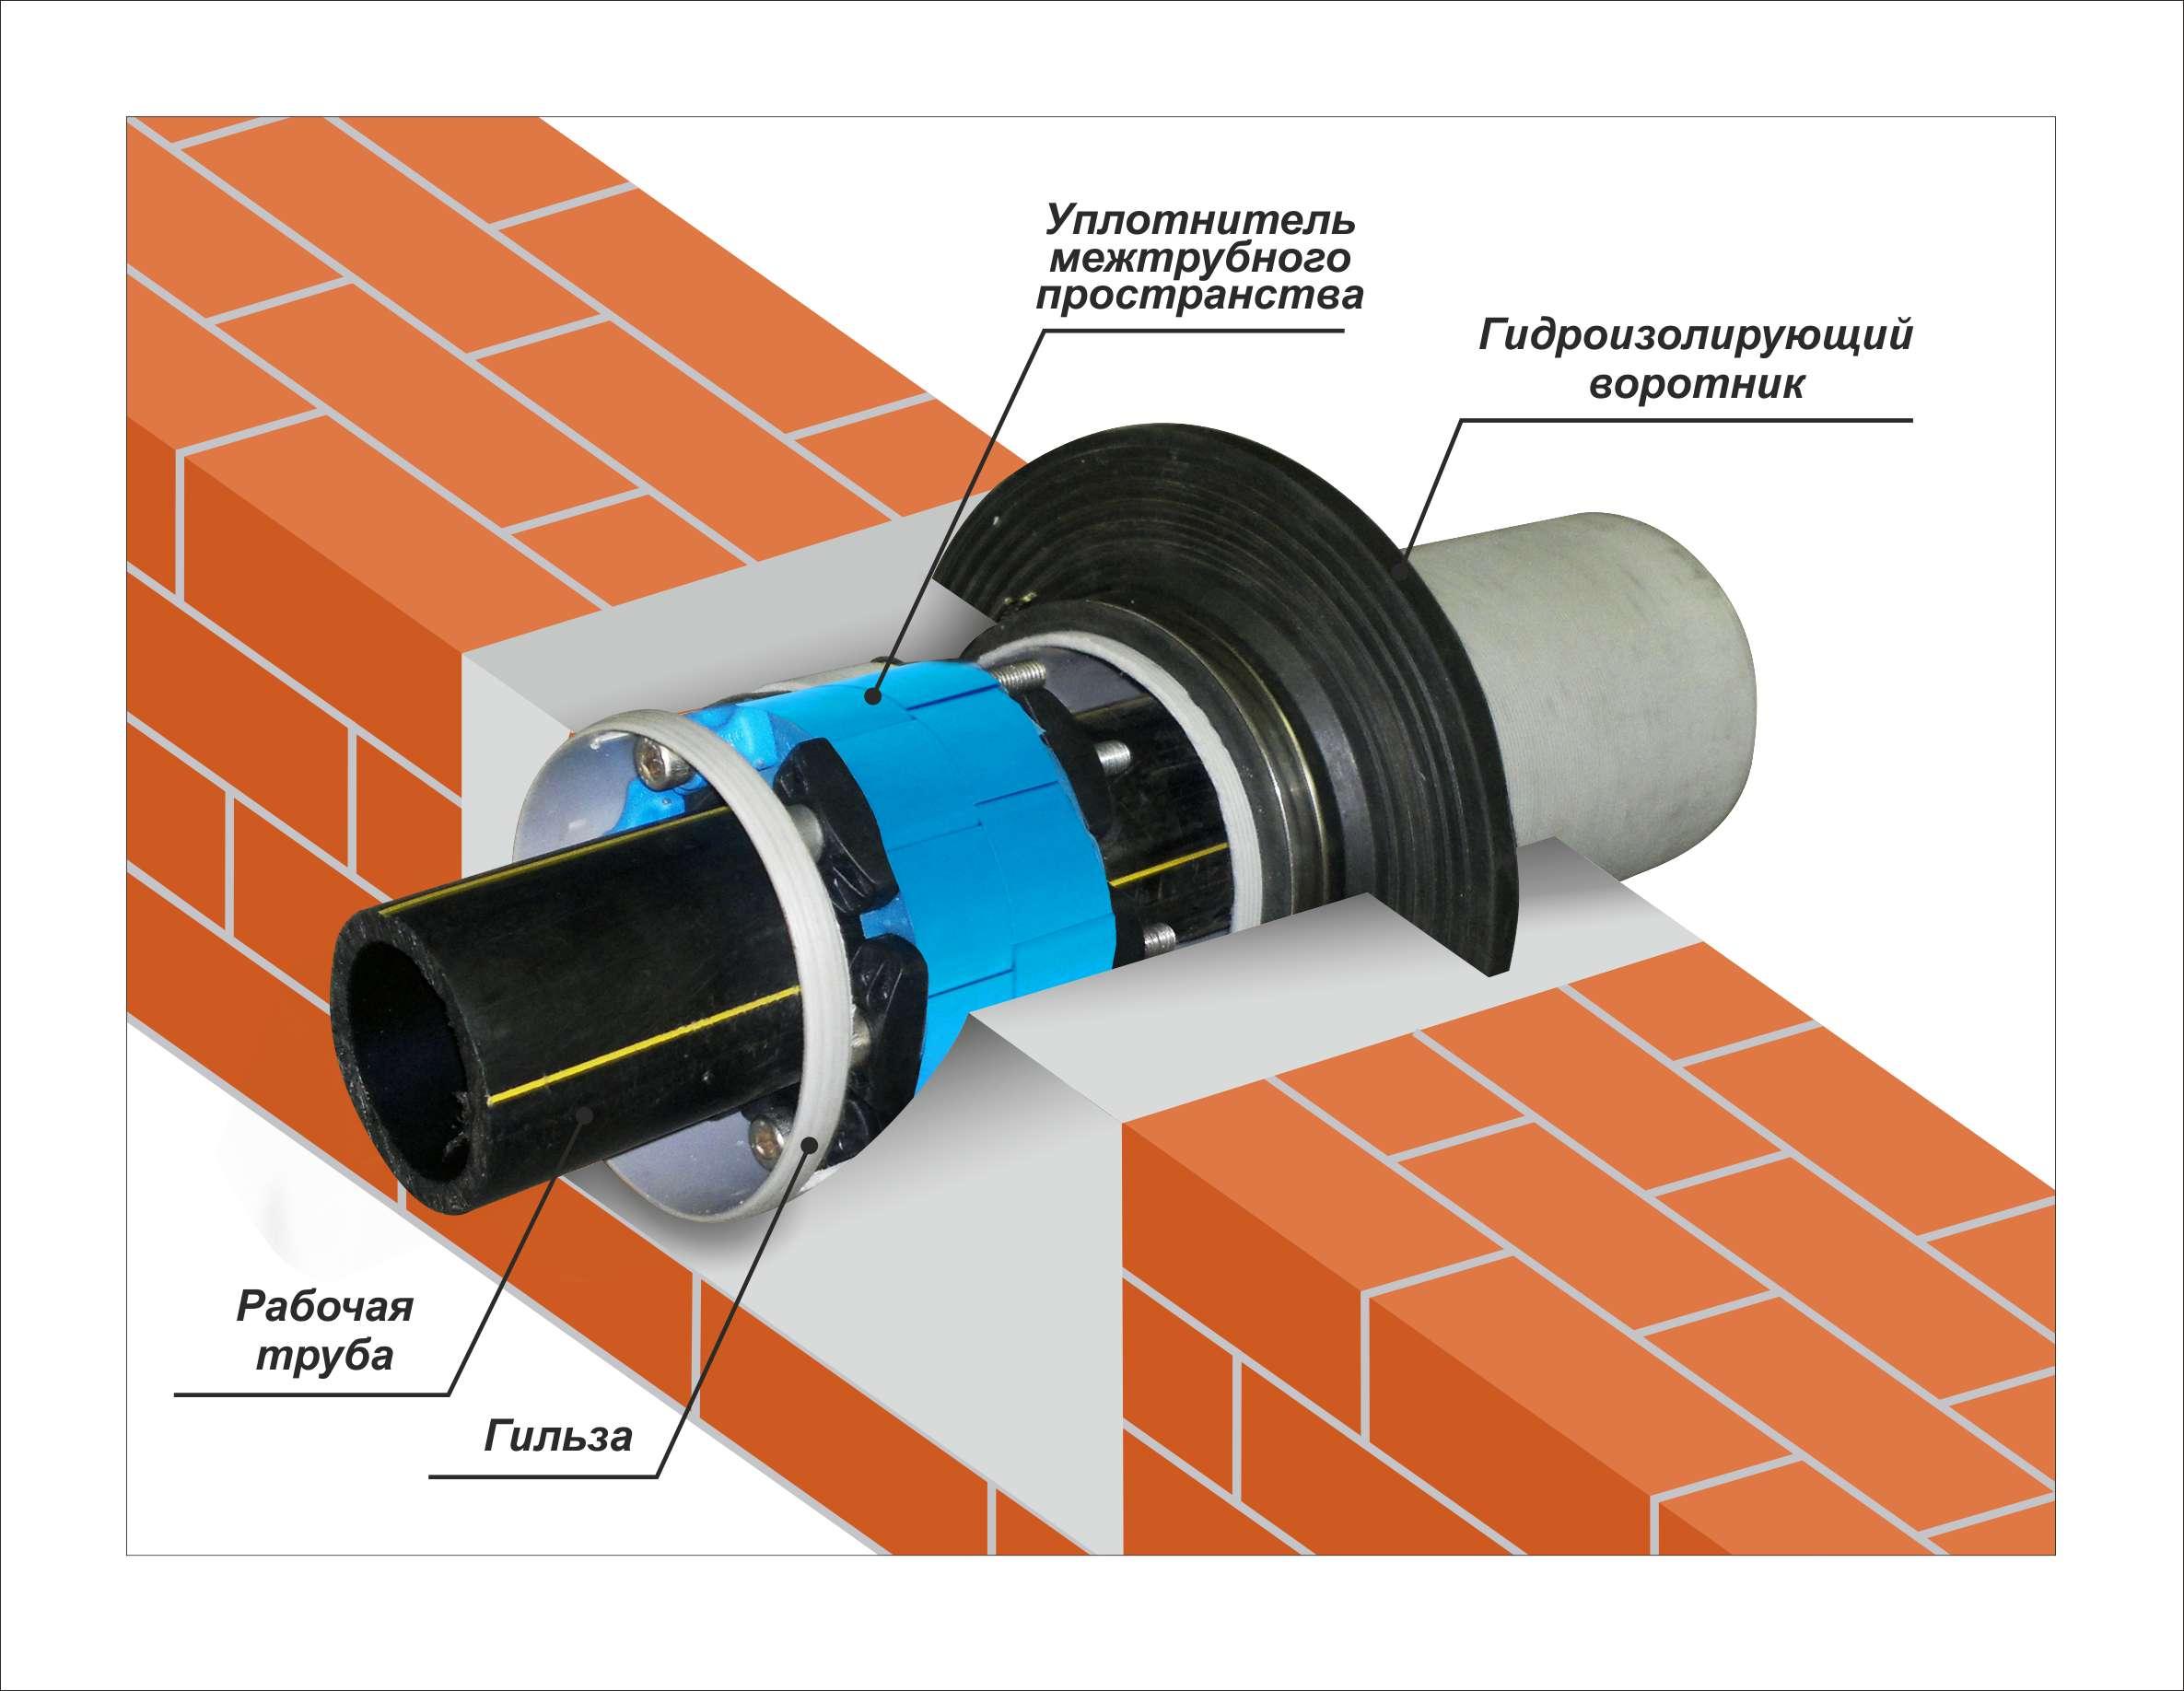 идея использования гильзы для прохода труб в ремонте стен